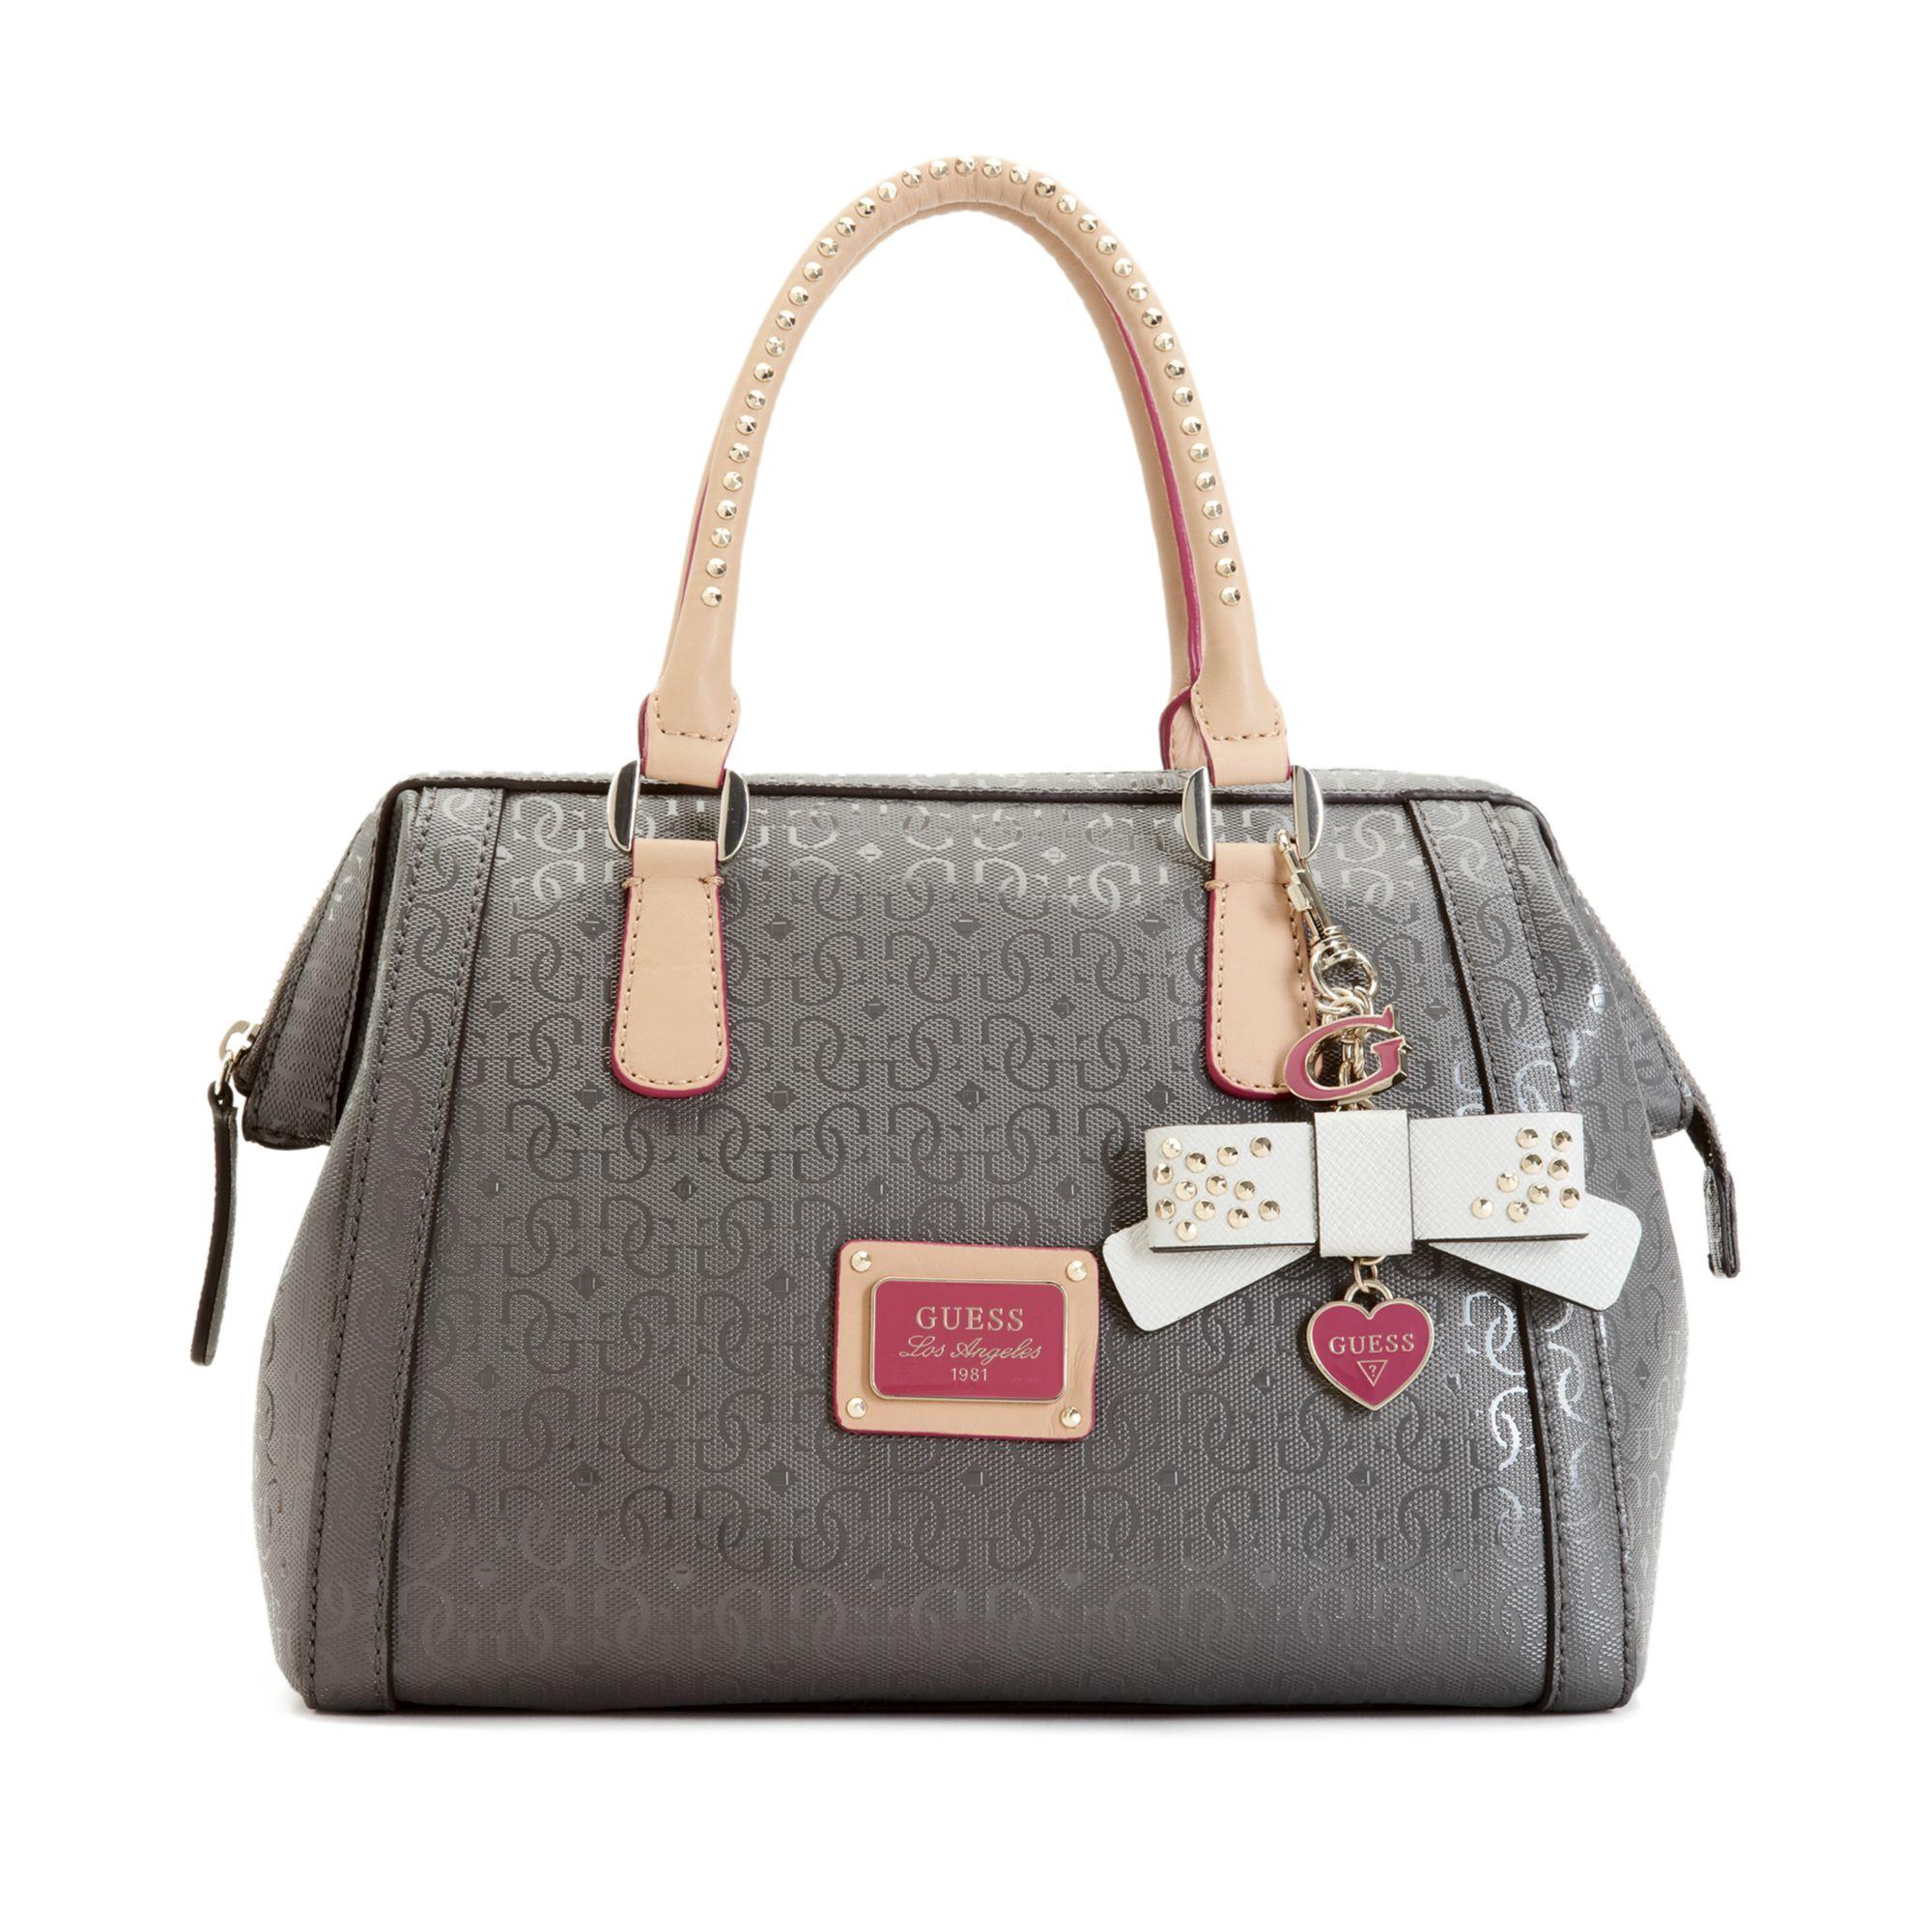 Lyst - Guess Guess Handbag Specks Frame Satchel